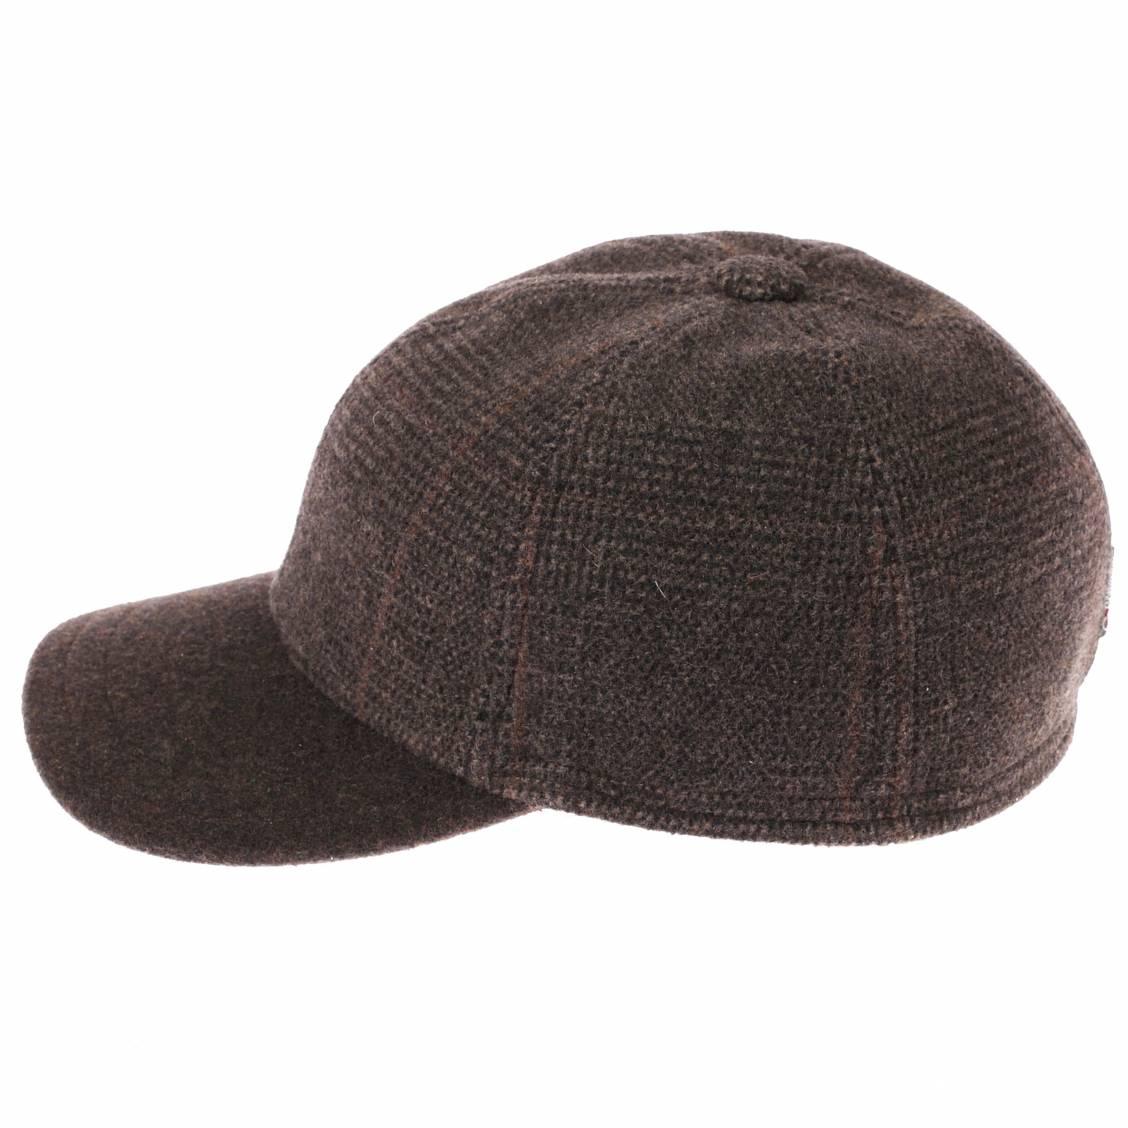 chapeau homme vente en ligne de chapeaux et casquettes homme rue des hommes. Black Bedroom Furniture Sets. Home Design Ideas